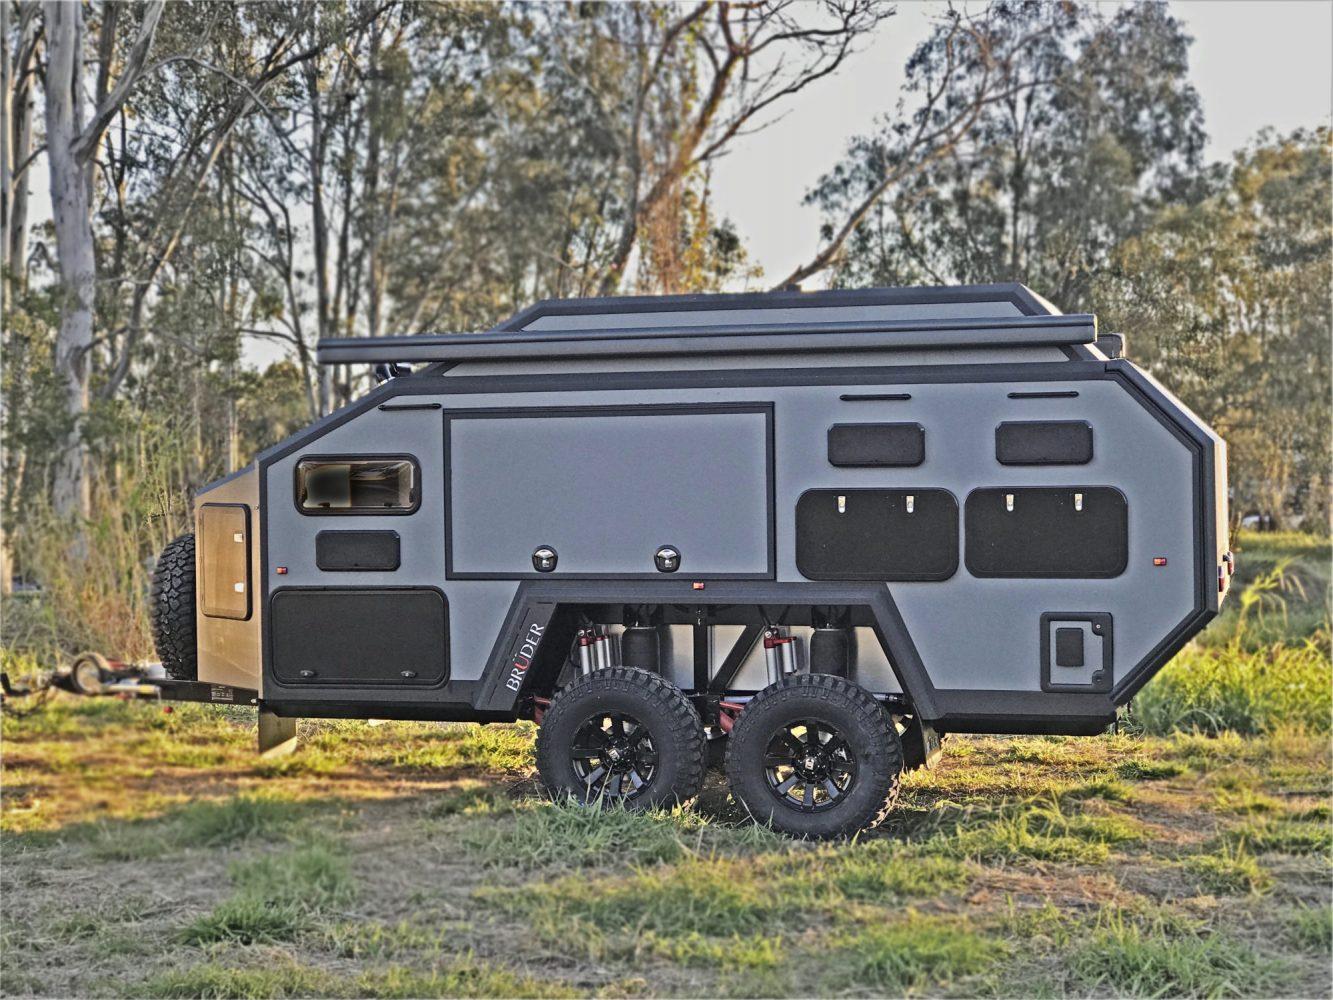 bruder overland trailer